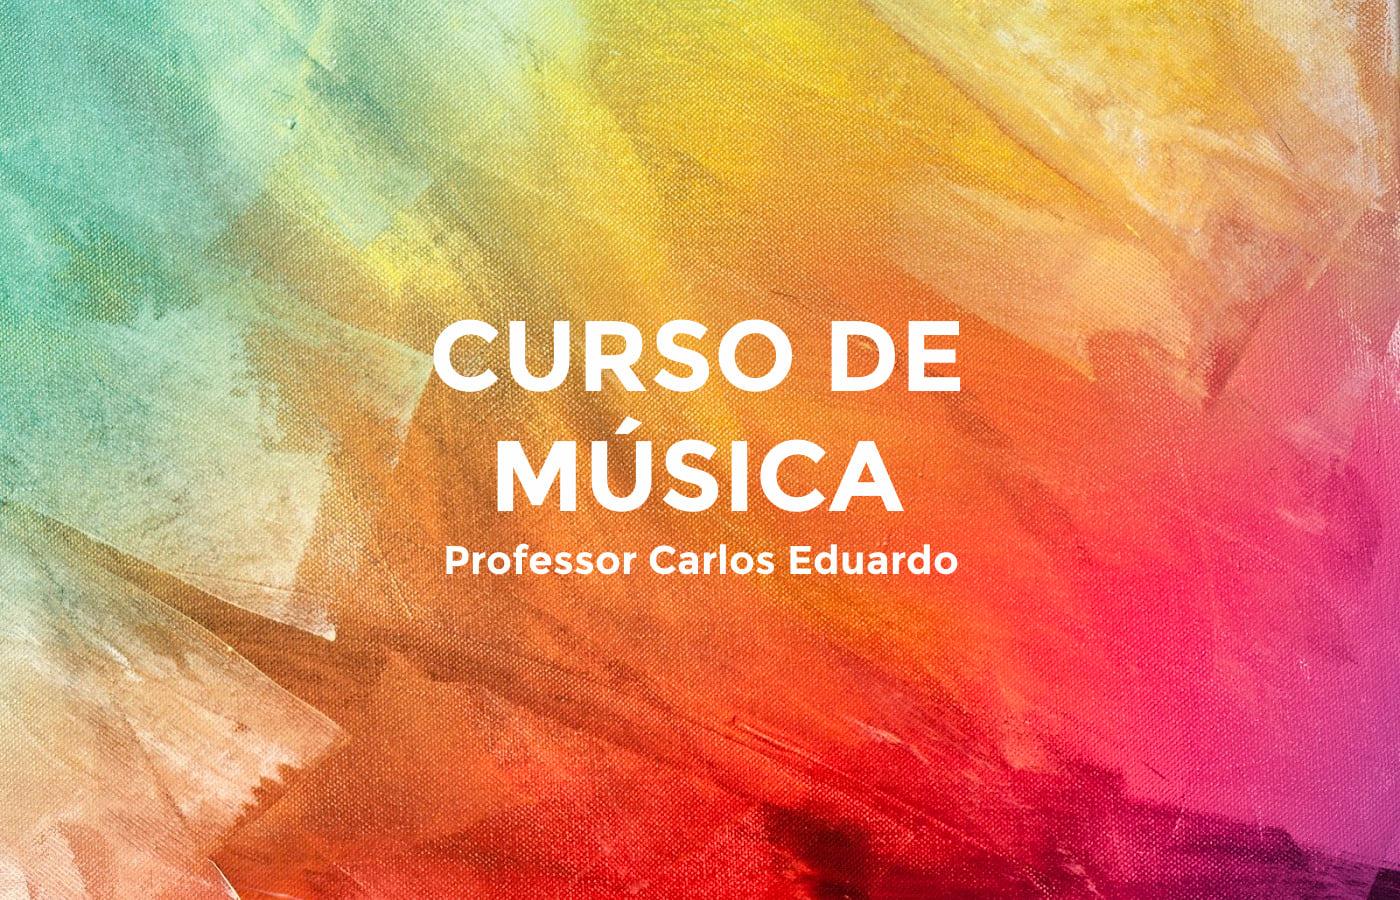 Curso de Música Bertioga Carlos Eduardo